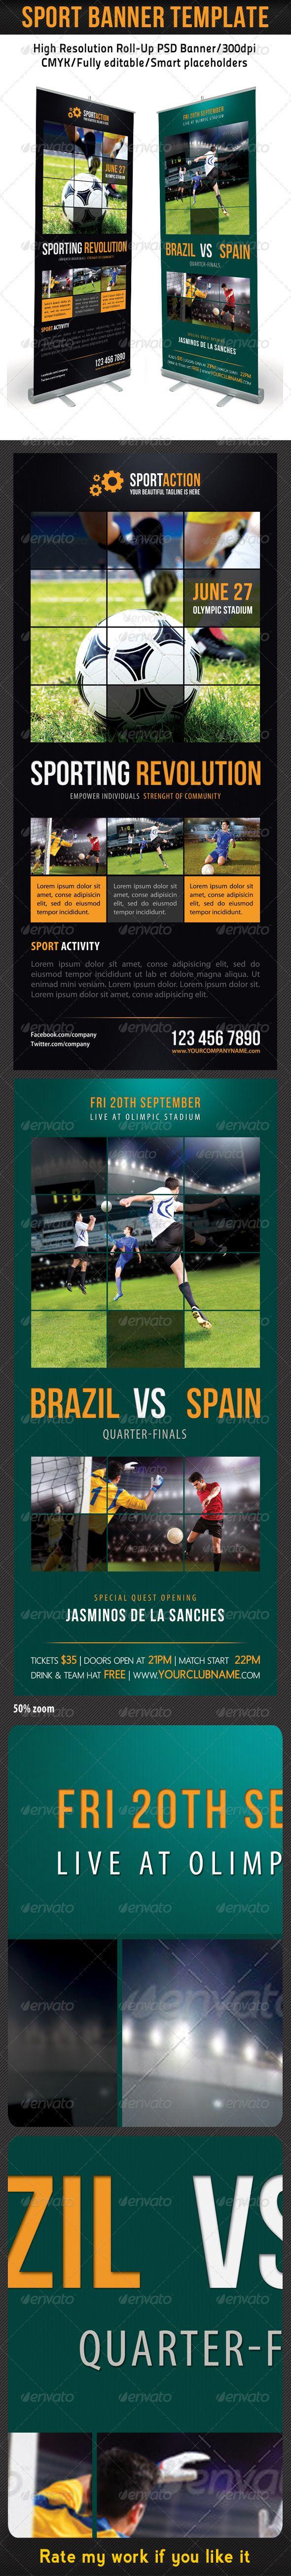 Sport Banner Template 11